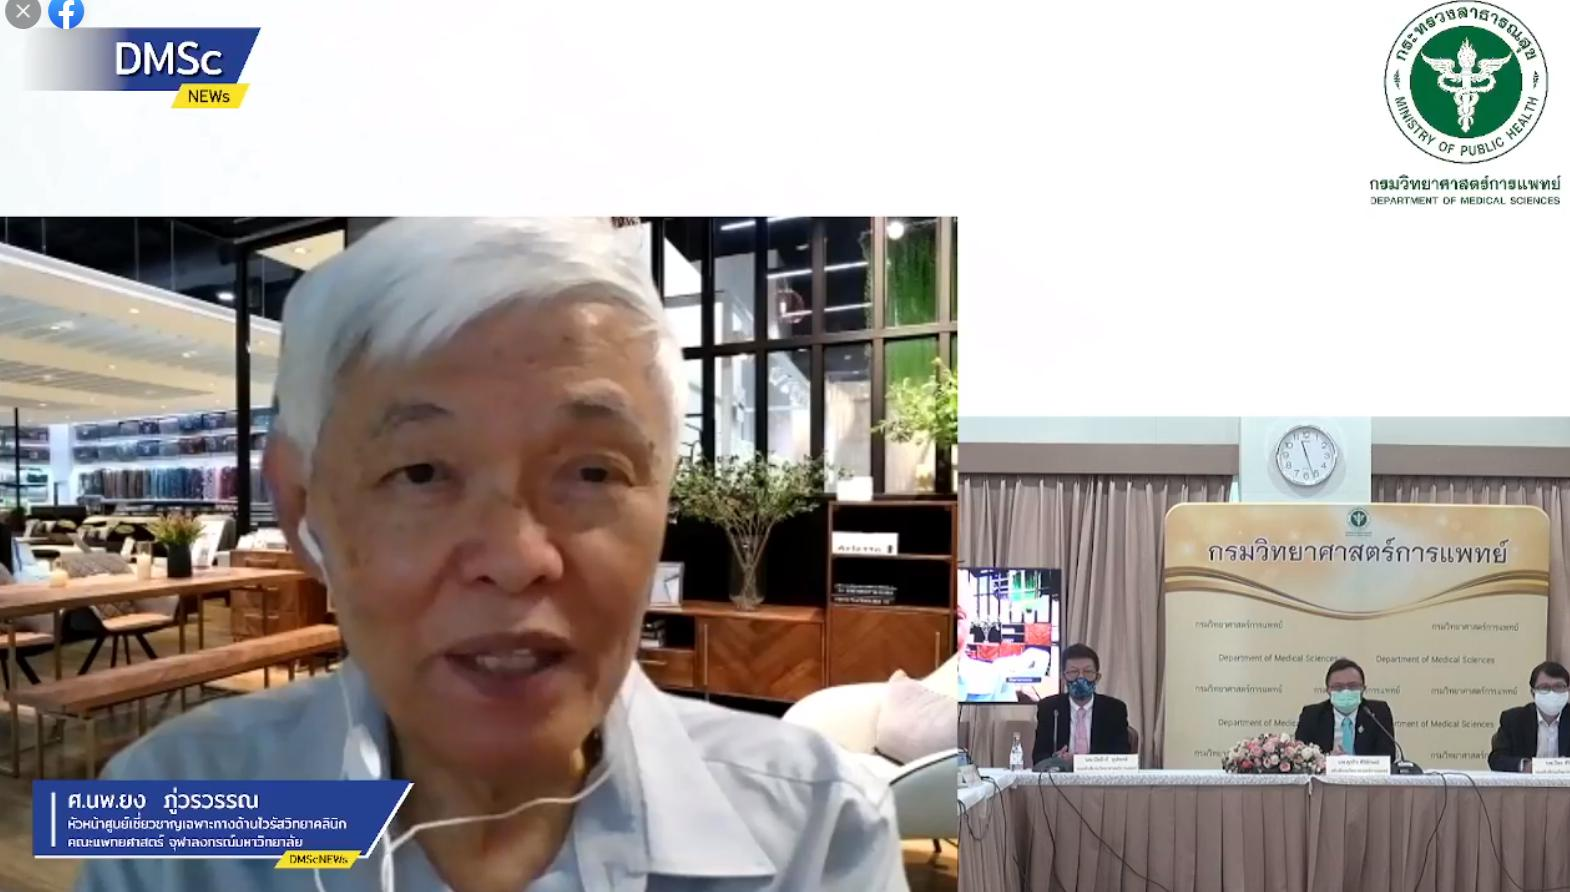 """""""นพ.ยง"""" คาด 3-4 เดือน โควิดสายพันธุ์เดลต้าอินเดีย ระบาดหนักในไทย"""